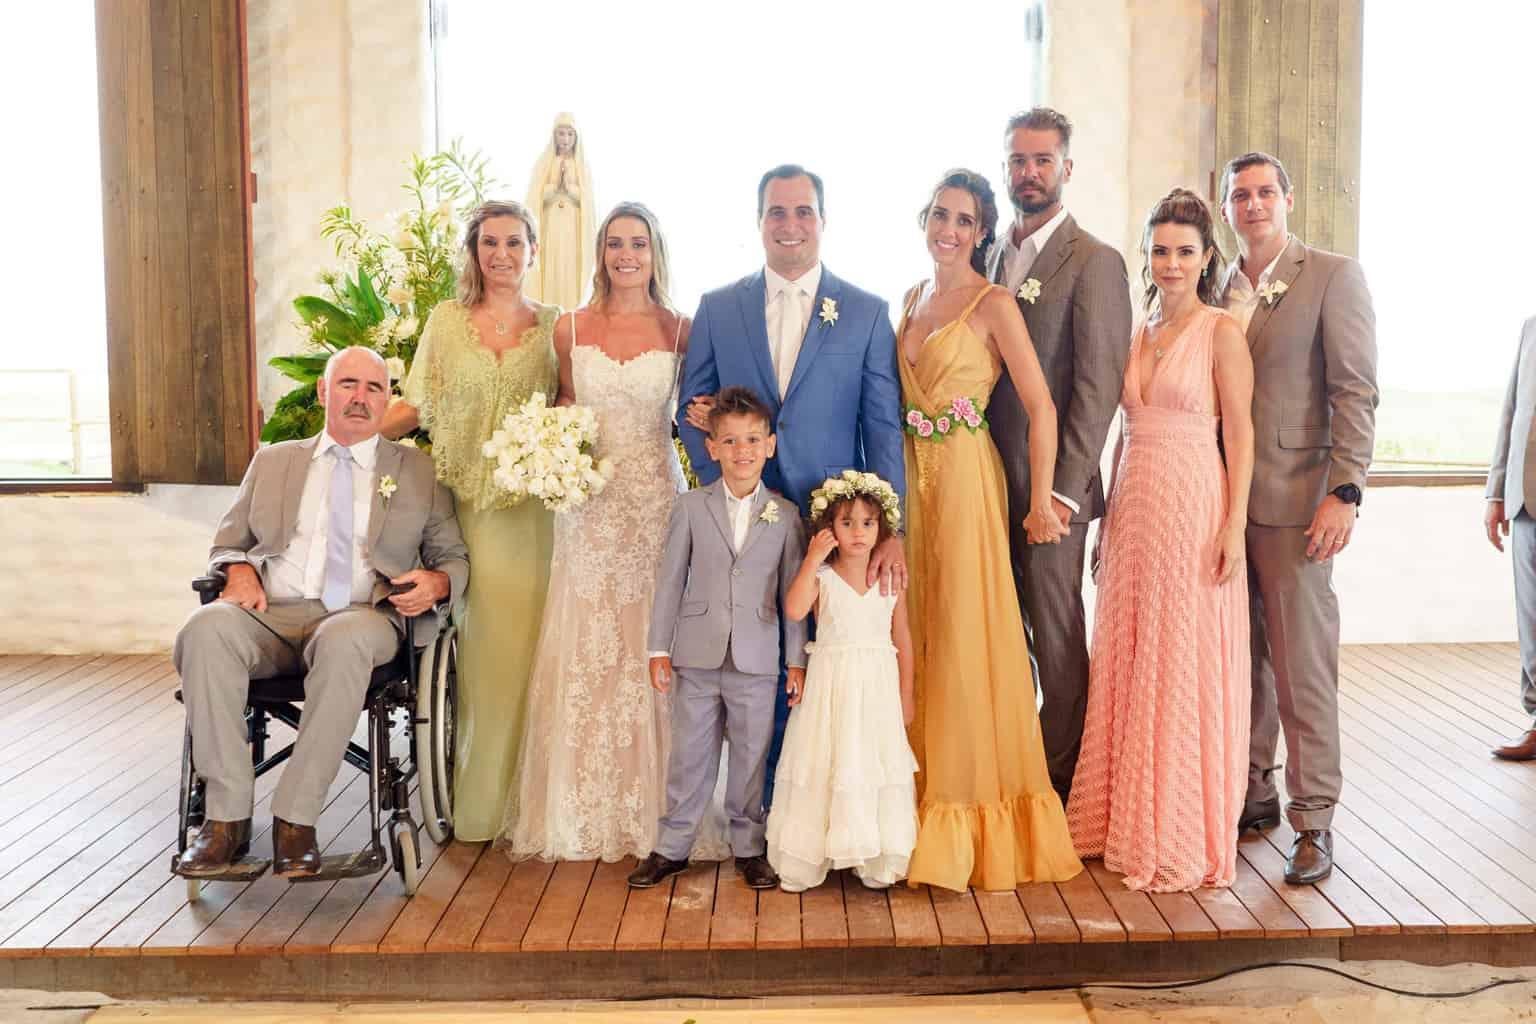 AL-Aline-e-Mauricio-capela-dos-milagres-casamento-casamento-na-praia-cerimonia-na-igreja-noivos-na-igreja95